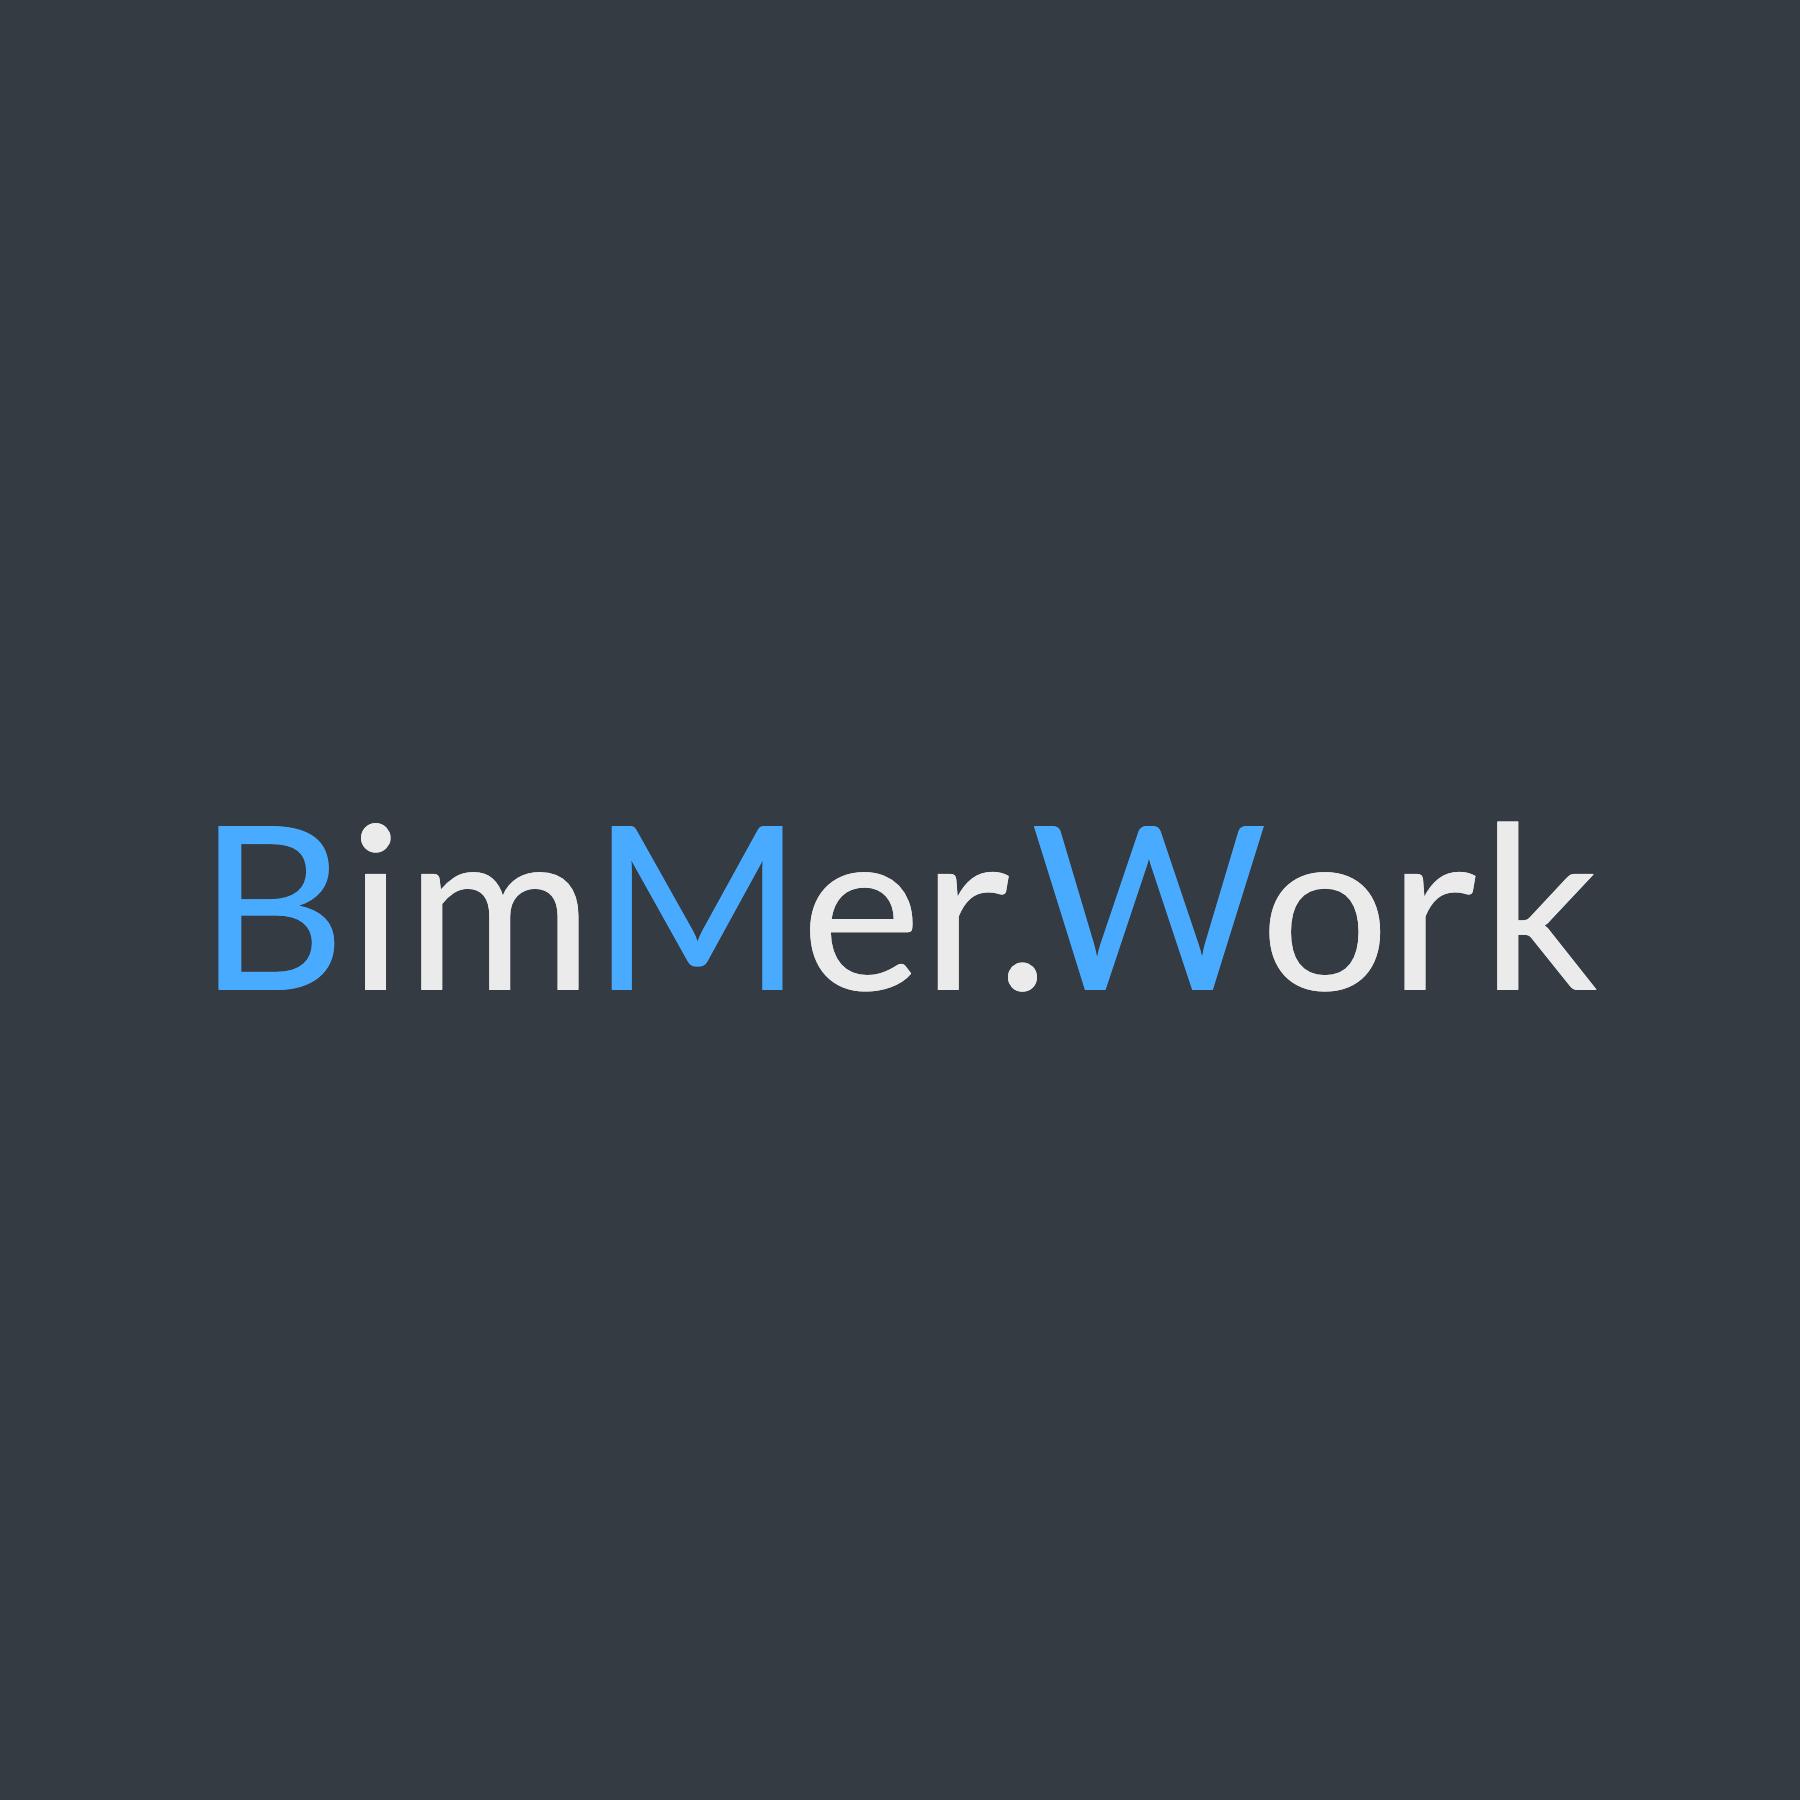 Bimmerwork Vin Decoder For Bmw